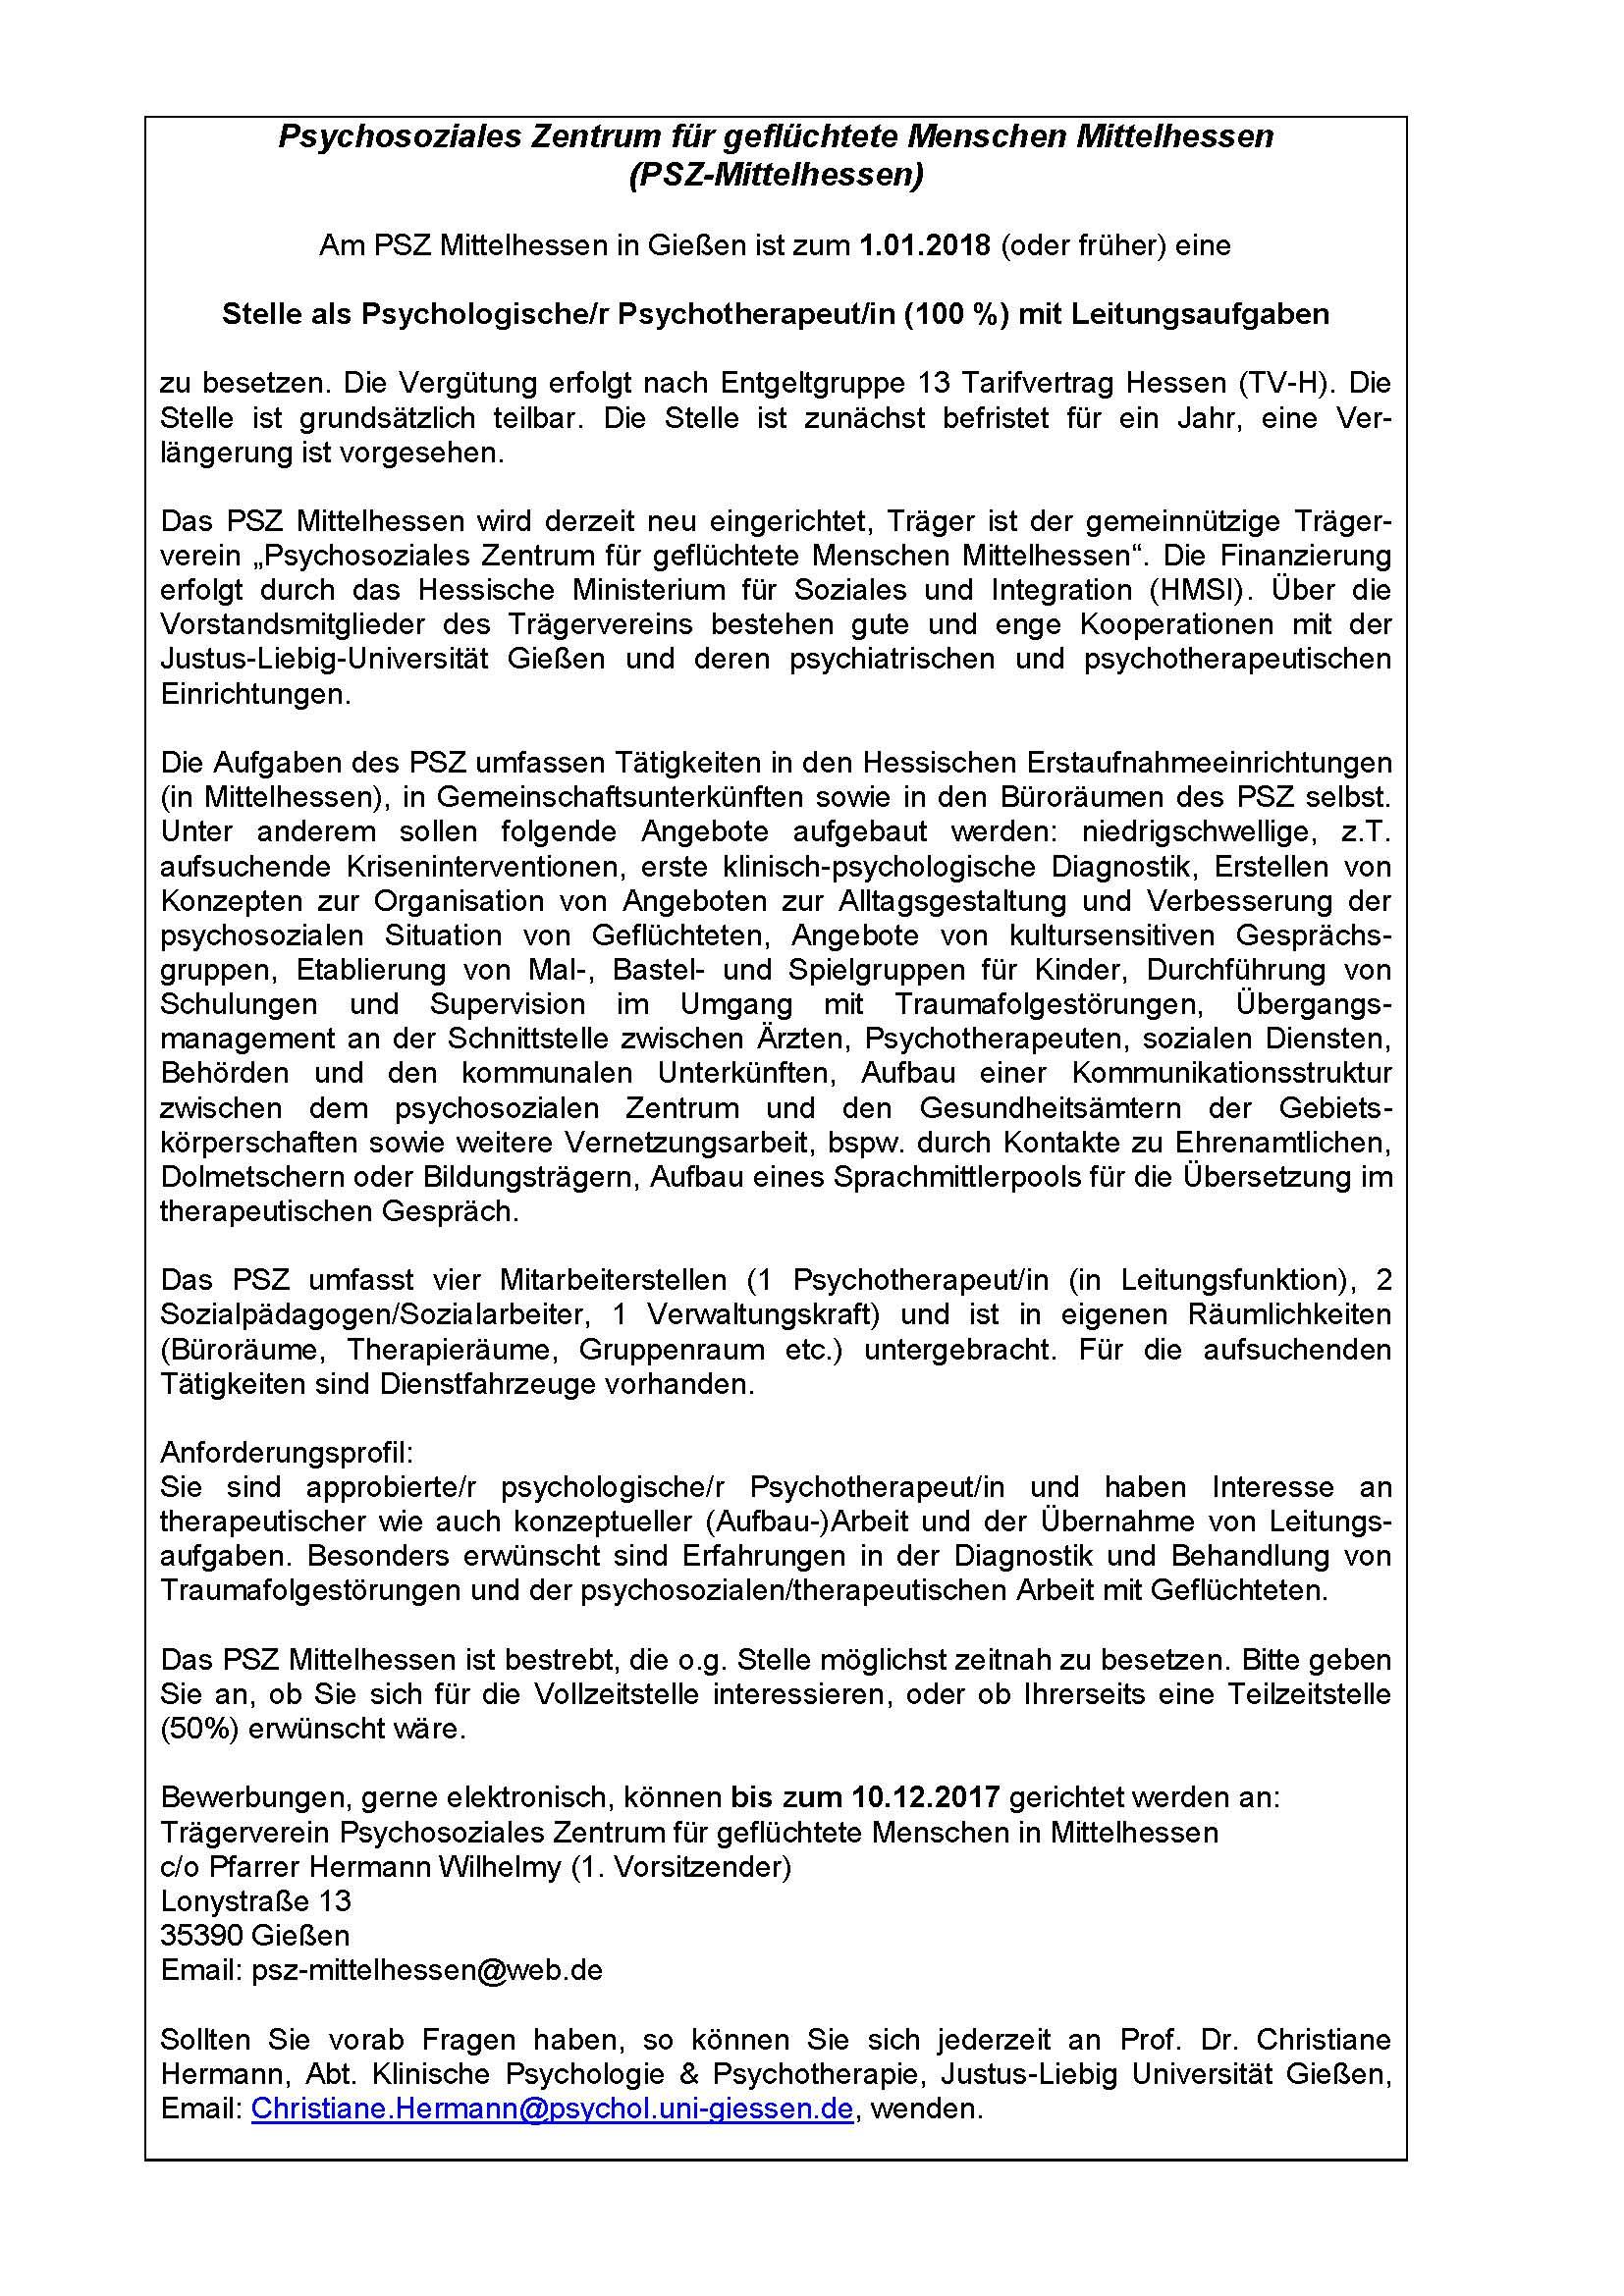 Charmant Ministerium Jobbeschreibung Vorlage Bilder - Entry Level ...